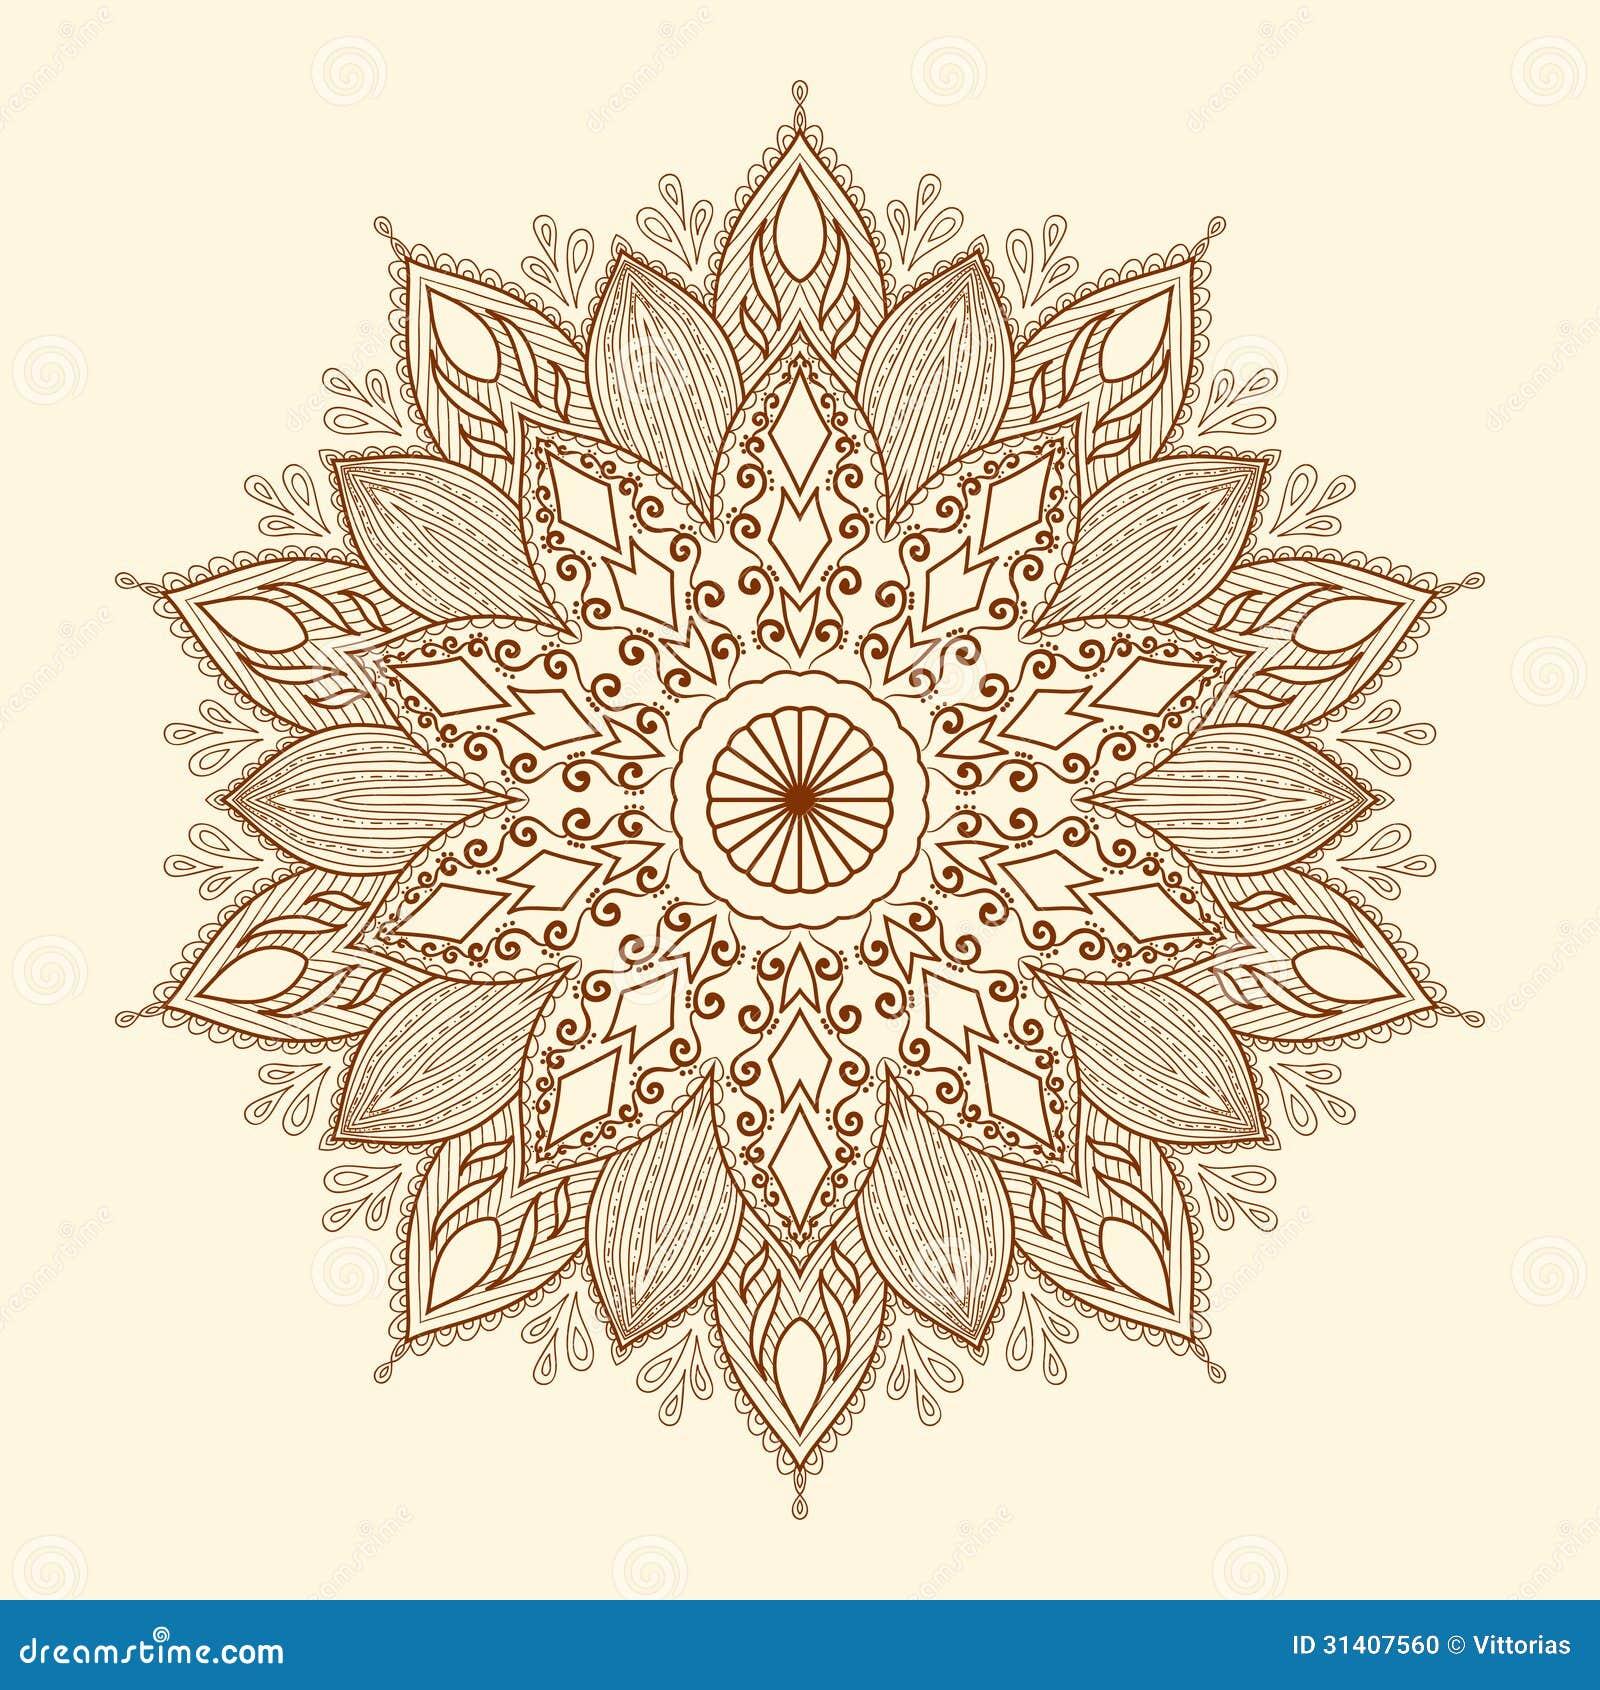 mandala sch ne von hand gezeichnete blume vektor abbildung illustration von stickerei henna. Black Bedroom Furniture Sets. Home Design Ideas